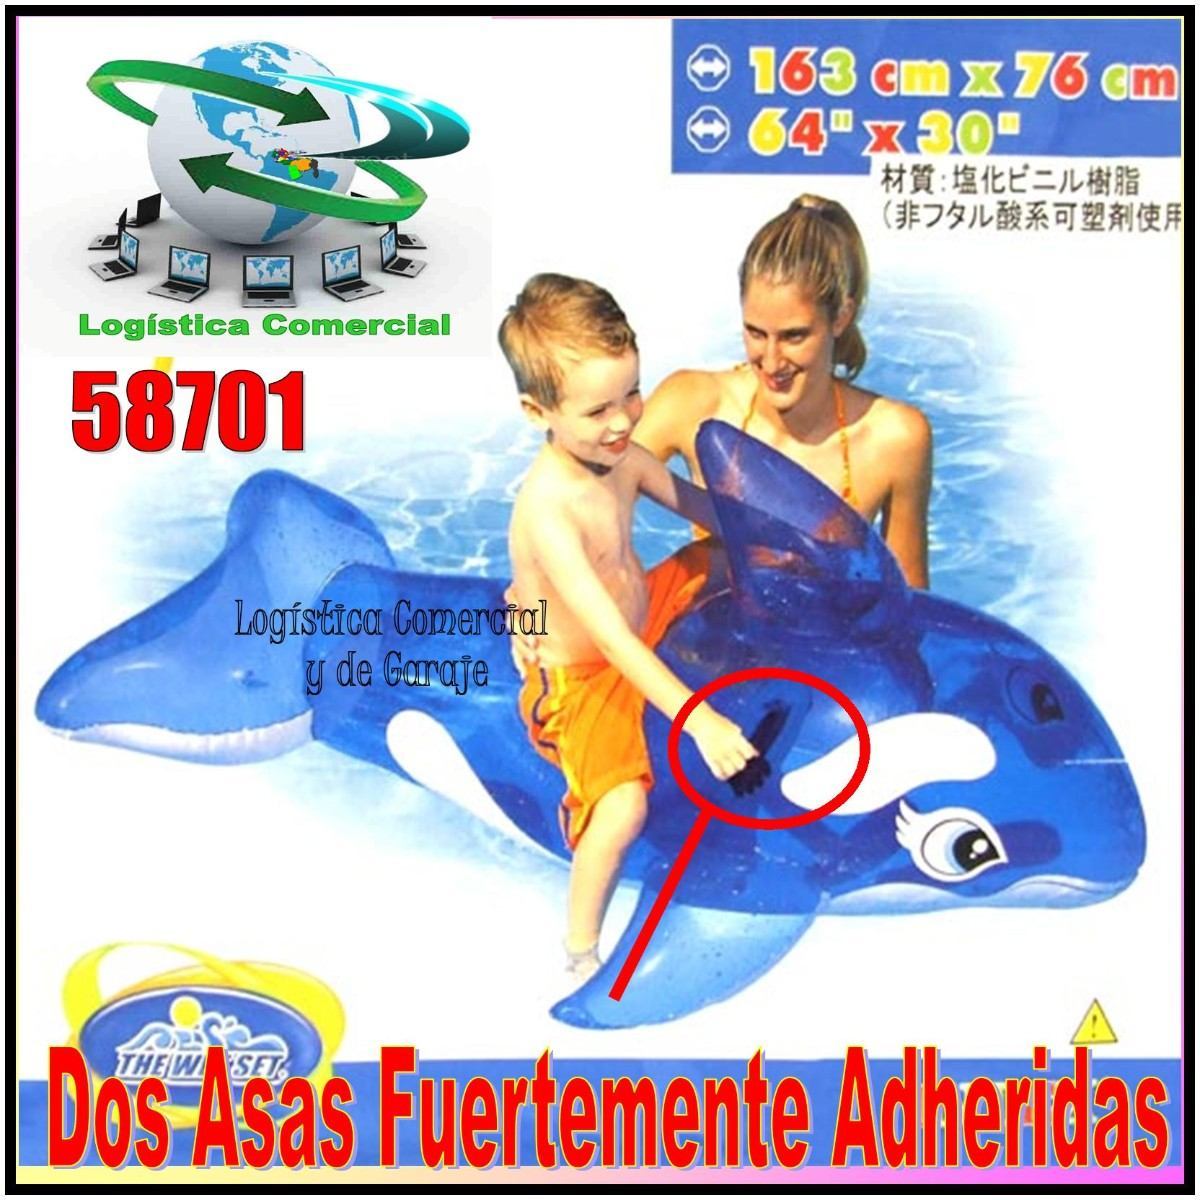 Flotador inflable ballena transparente ni os piscina 58523 for Piscina inflable ninos